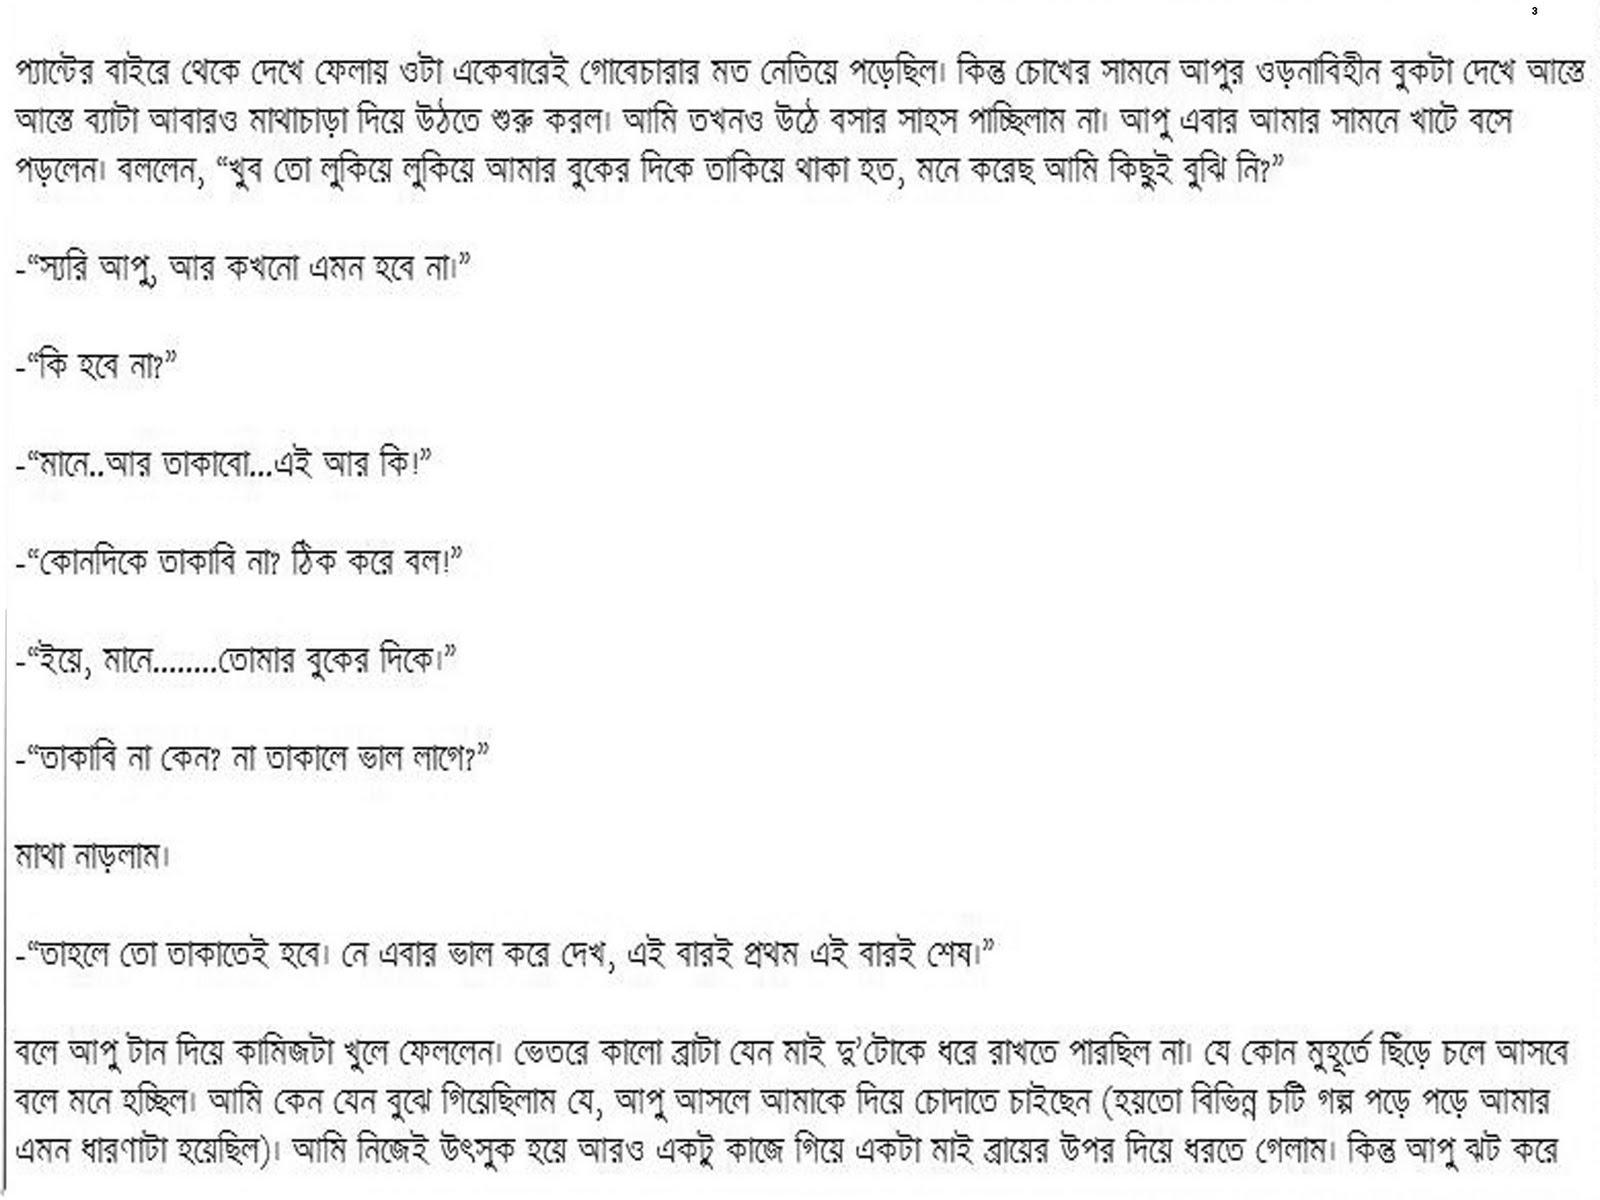 Bangla Magir Chobi